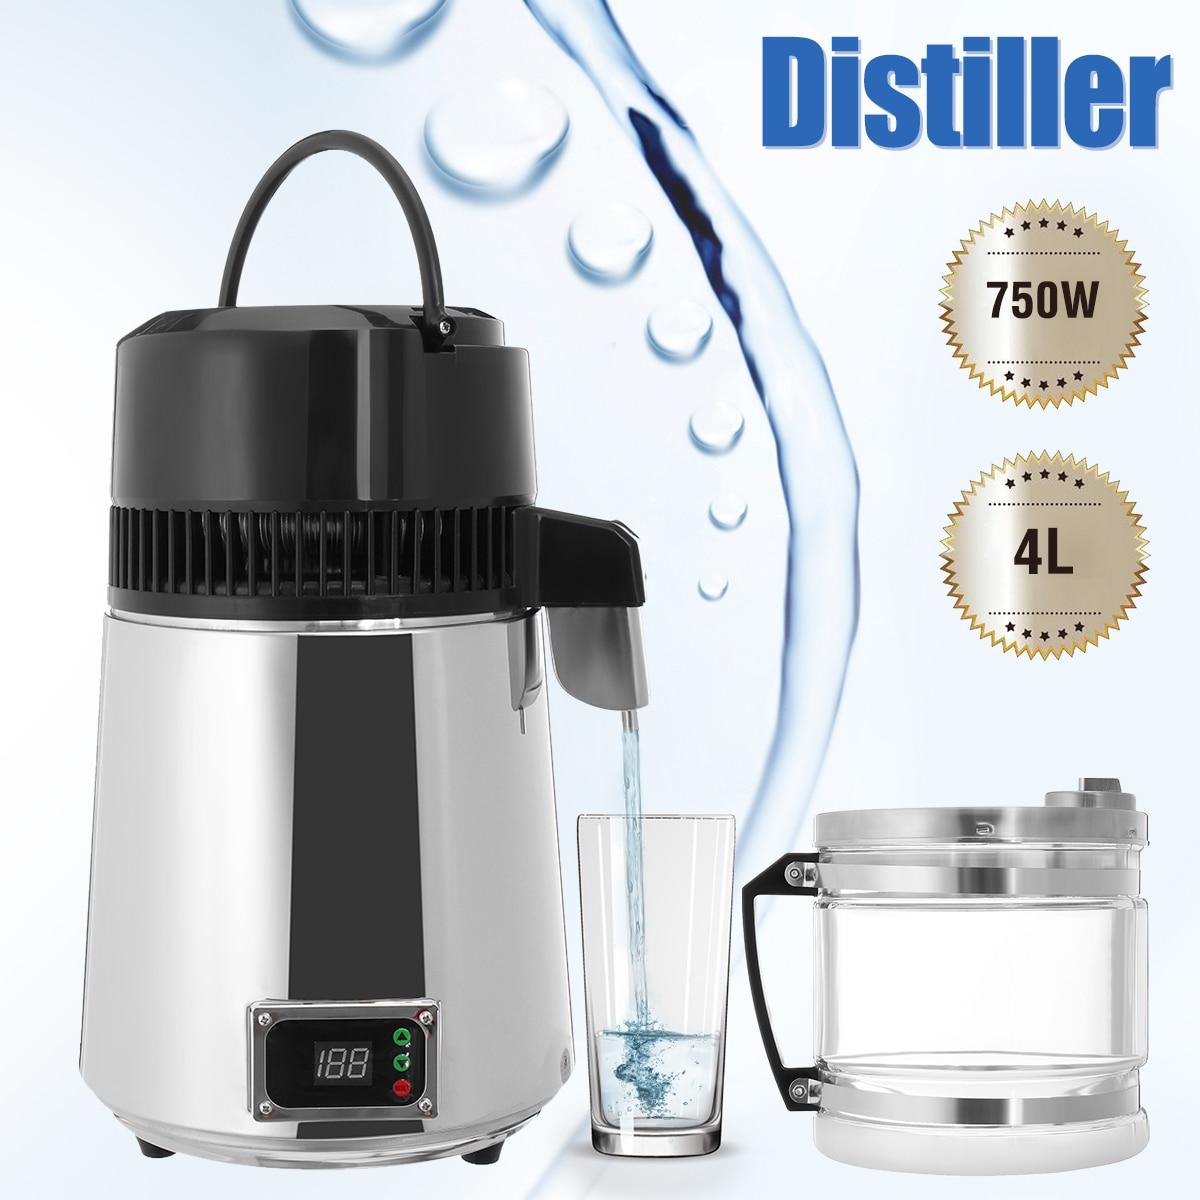 4L 750 Вт бытовой чистой дистиллятор Электрический Нержавеющаясталь очиститель воды контейнер фильтра дистиллированной воды машина Стекло